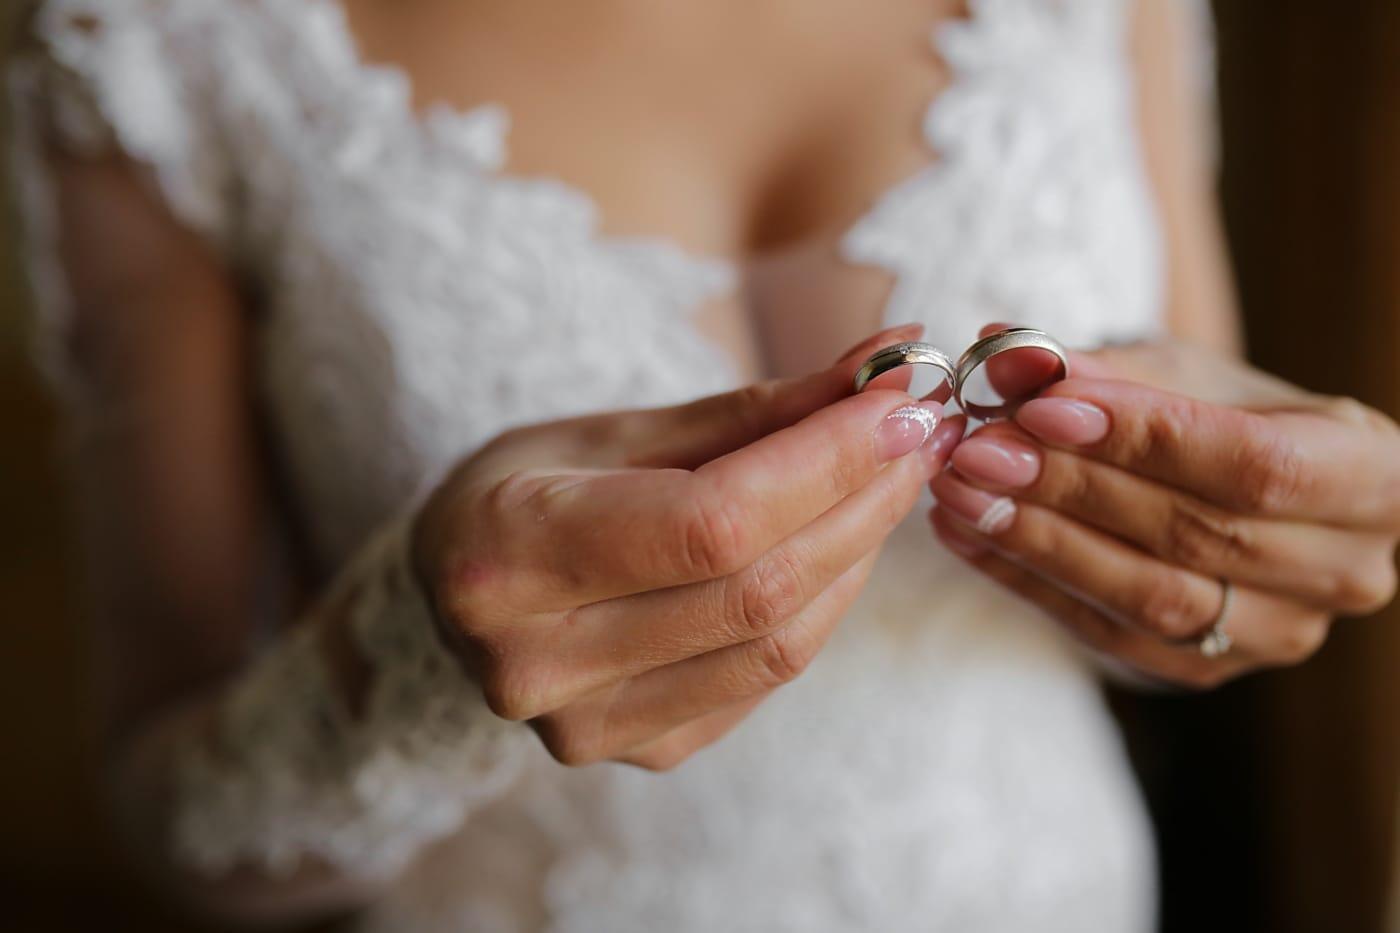 lueur dorée, bague de mariage, manucure, la mariée, mains, femme, main, doigt, amour, engagement